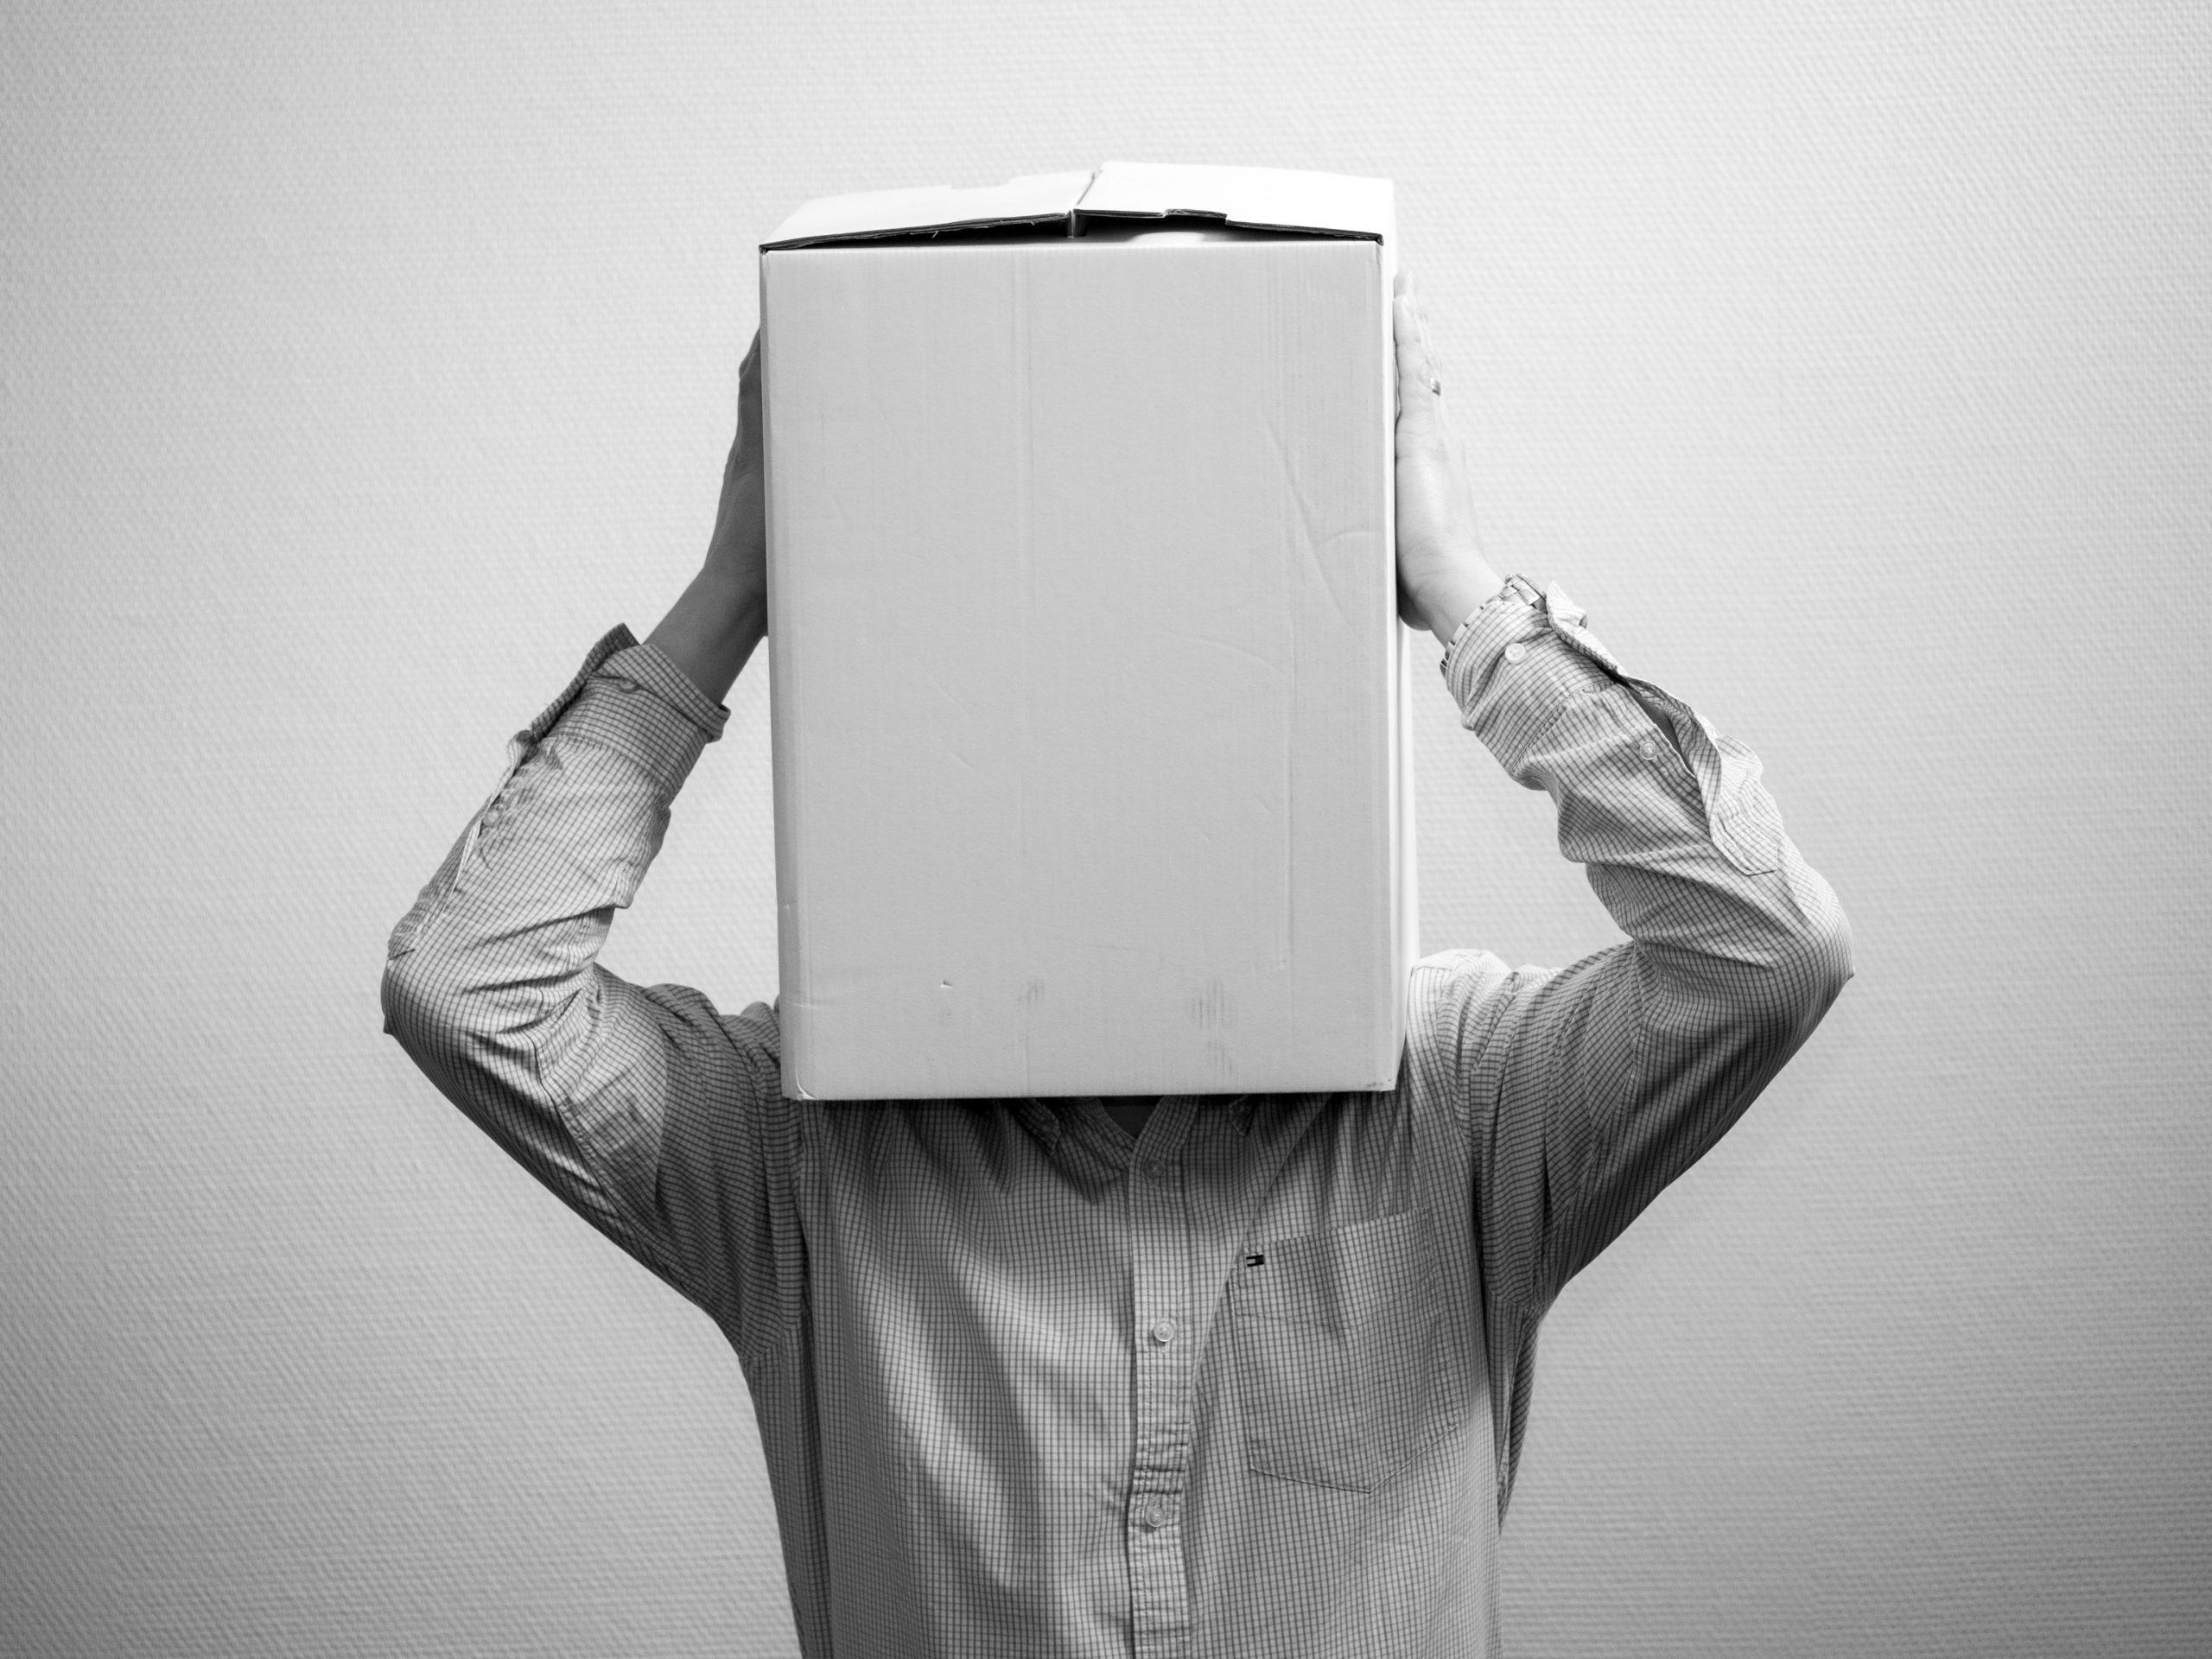 Mensch mit Kopf in der Kiste, Krise